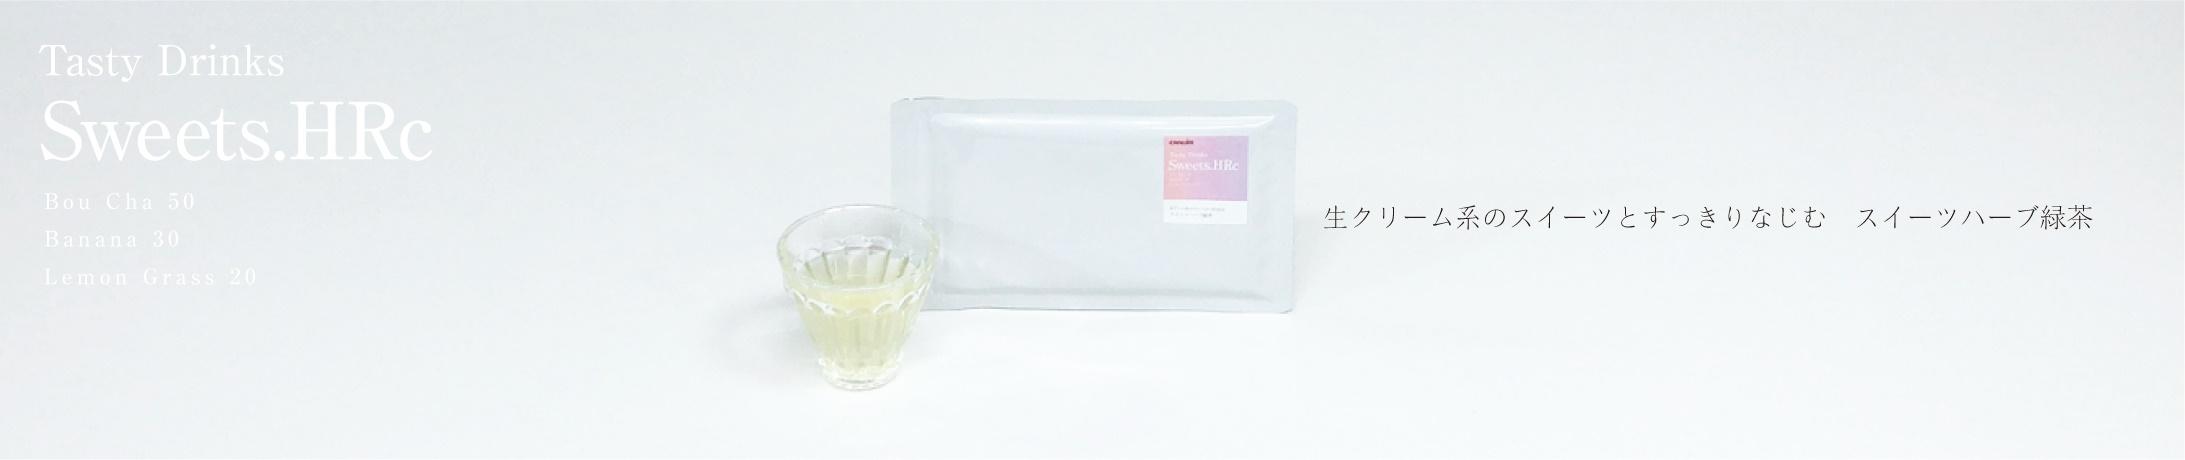 スイーツハーブ緑茶4